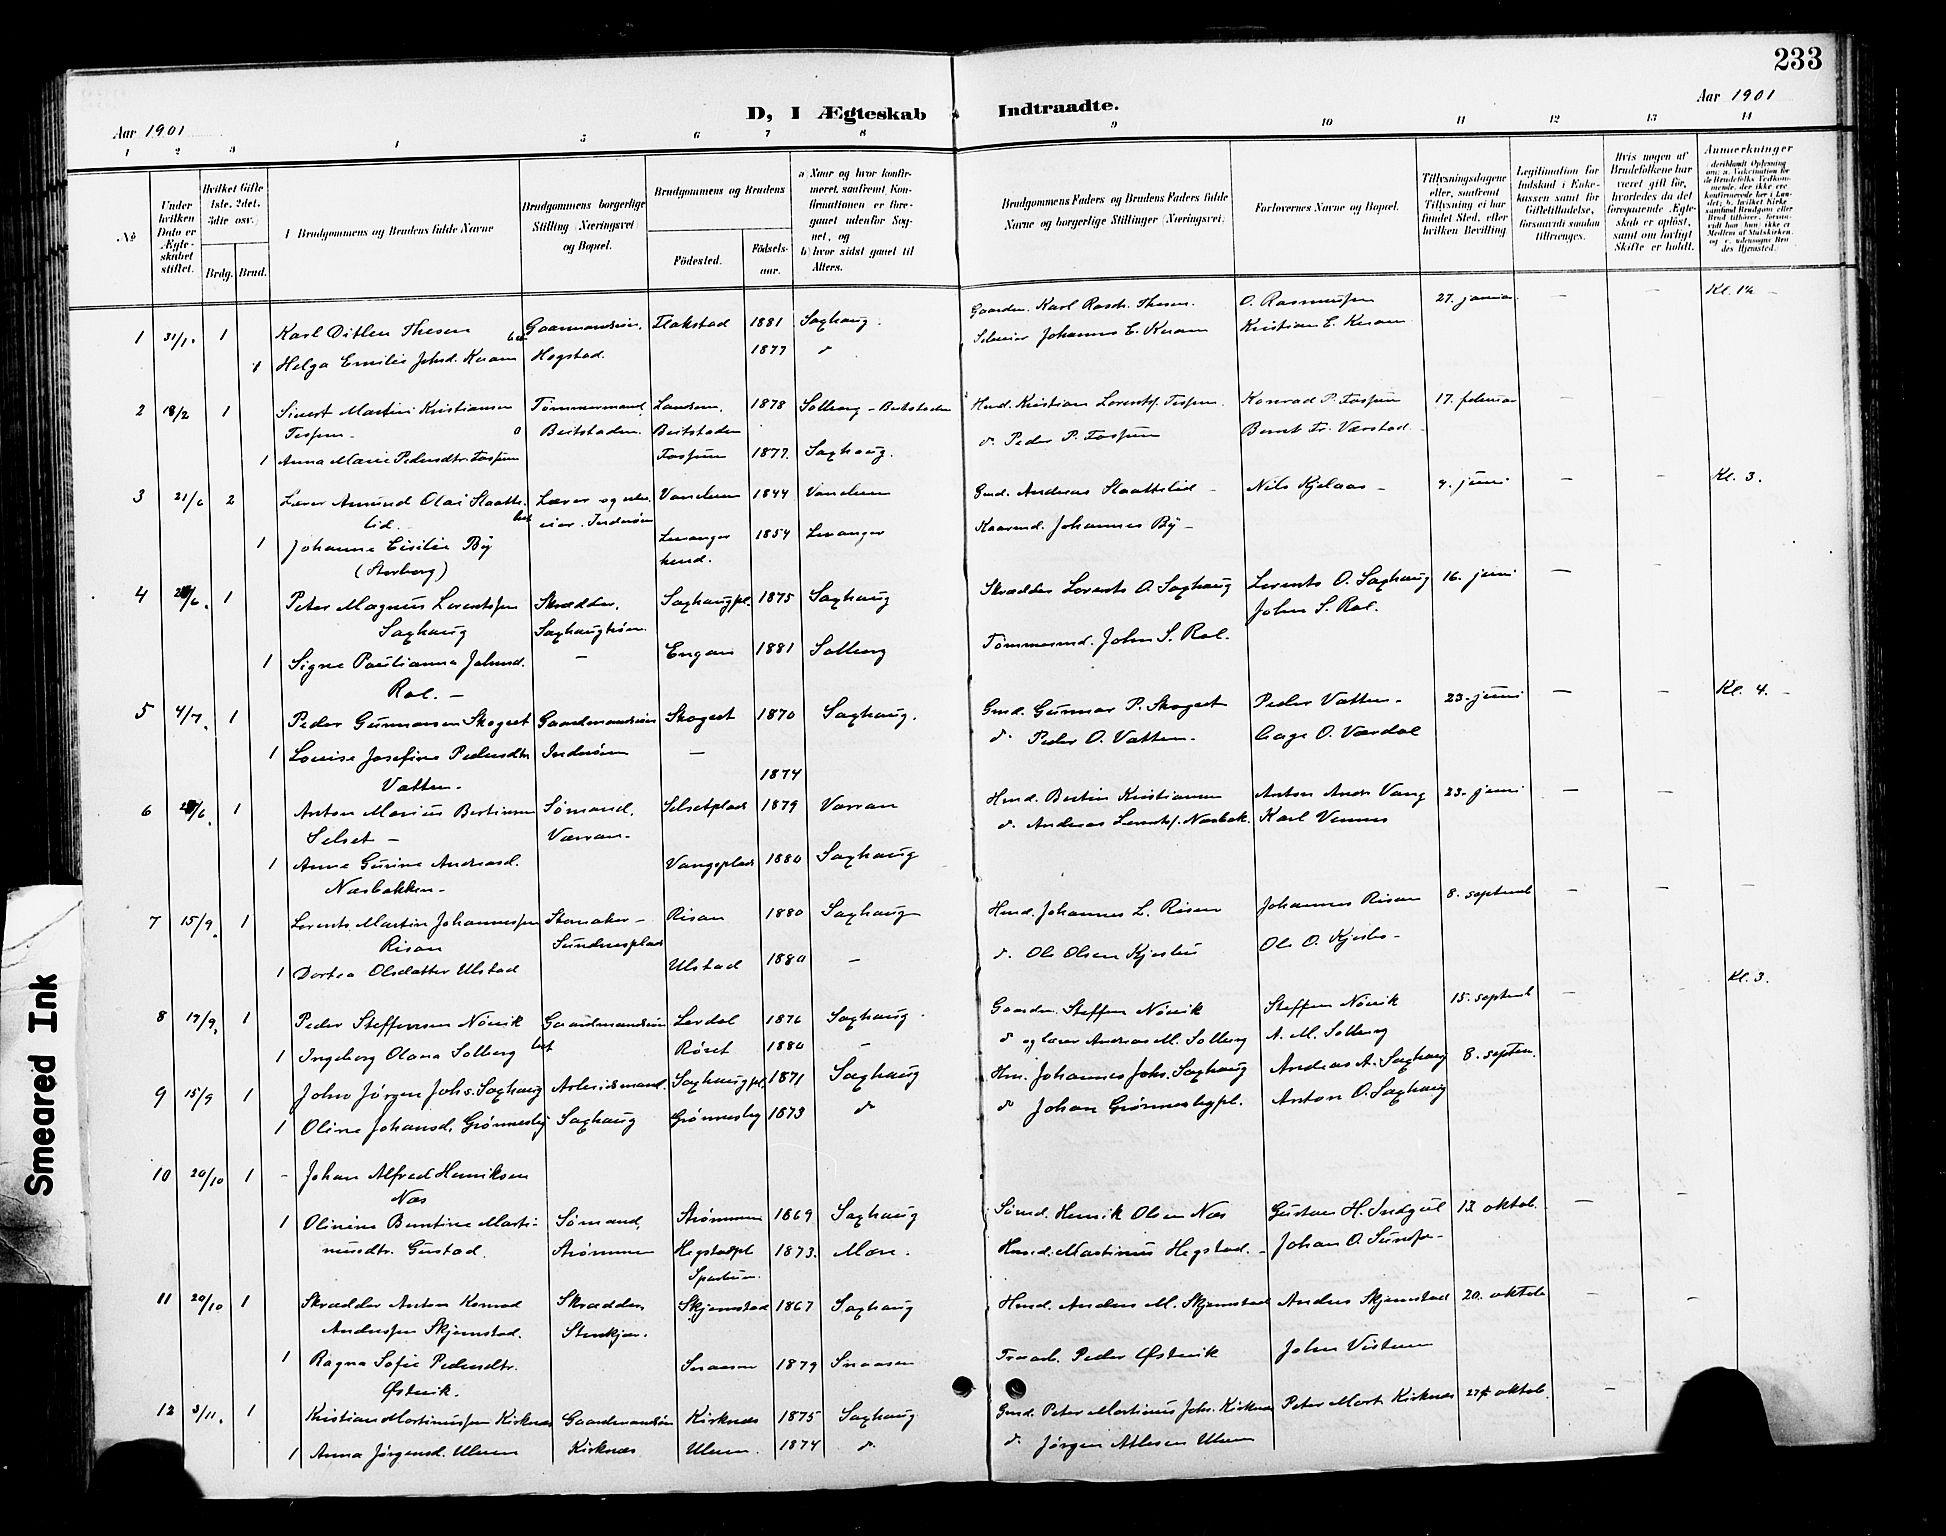 SAT, Ministerialprotokoller, klokkerbøker og fødselsregistre - Nord-Trøndelag, 730/L0302: Klokkerbok nr. 730C05, 1898-1924, s. 233